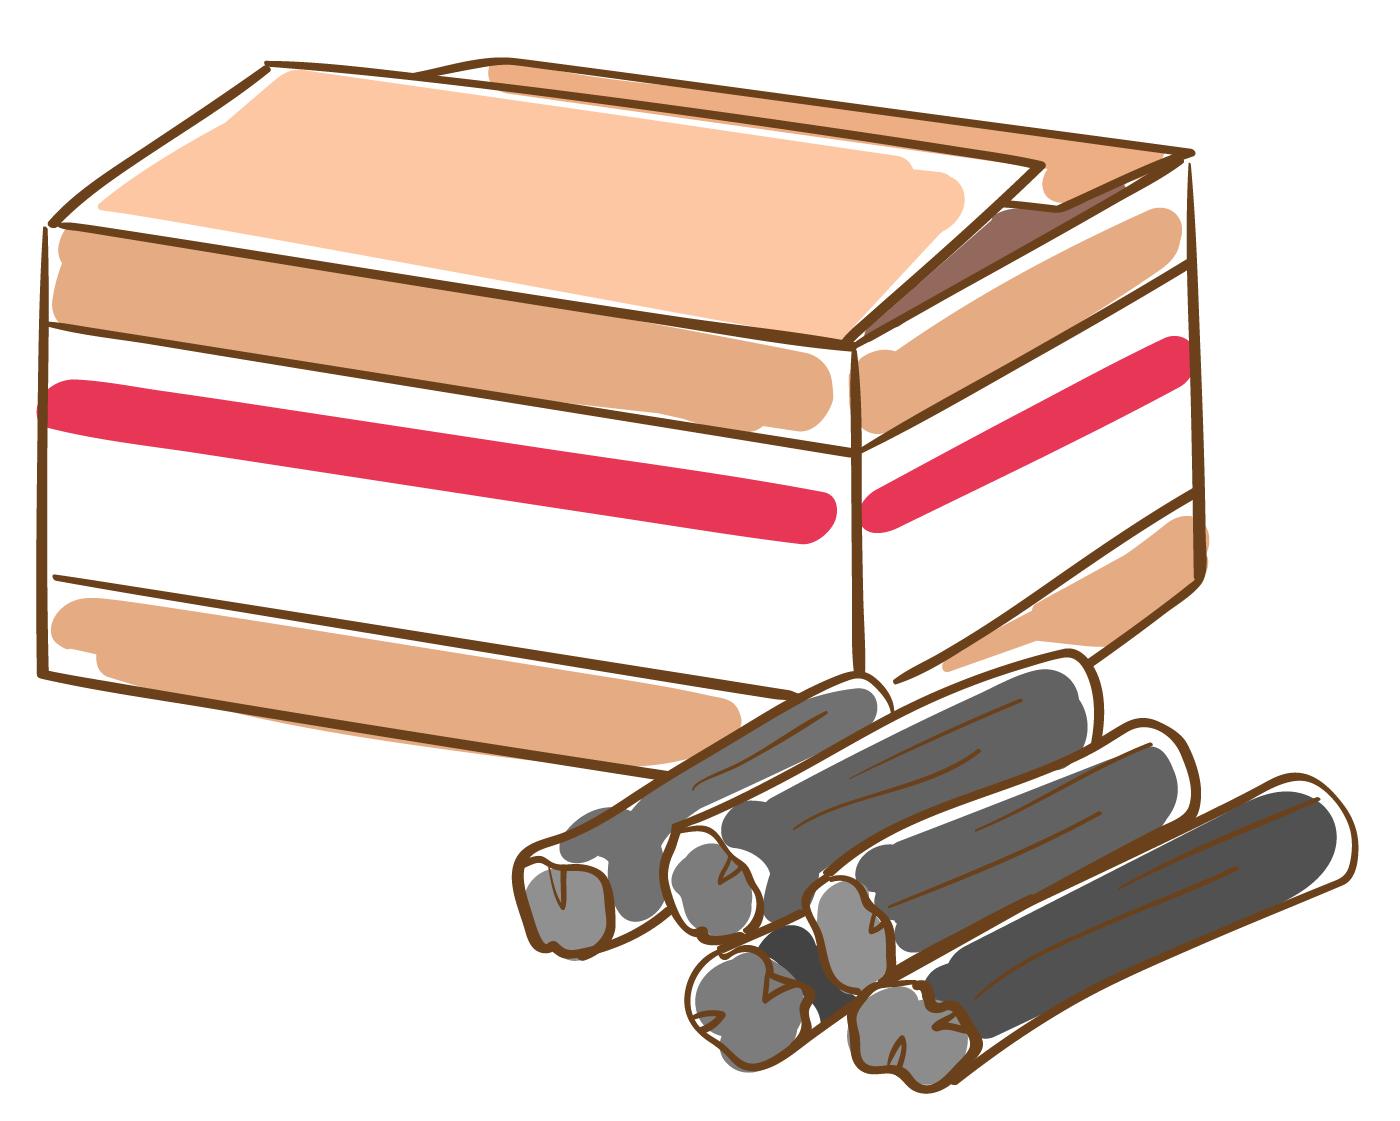 木炭のイラスト(白フチあり)